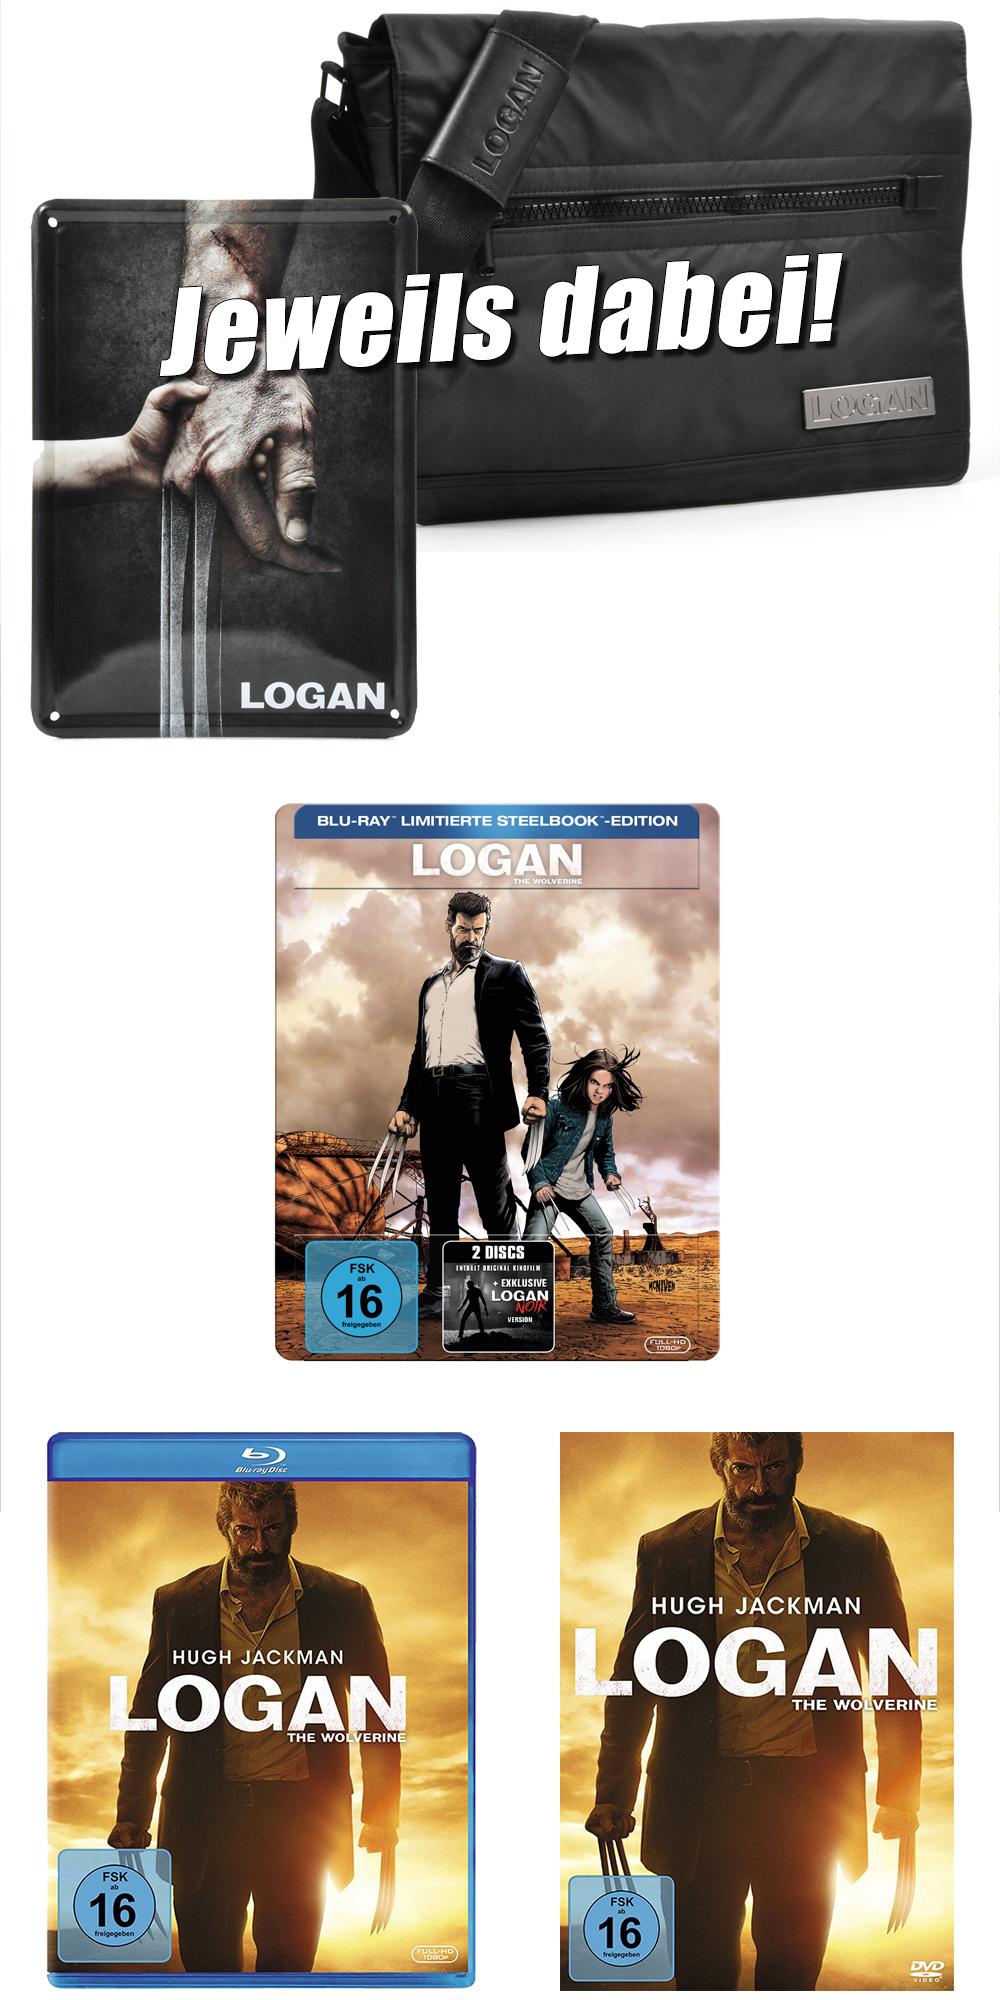 """Bild 1:Gewinnt 3 Fanpakete zur """"Logan - The Wolverine"""" Heimkino-Veröffentlichung!"""